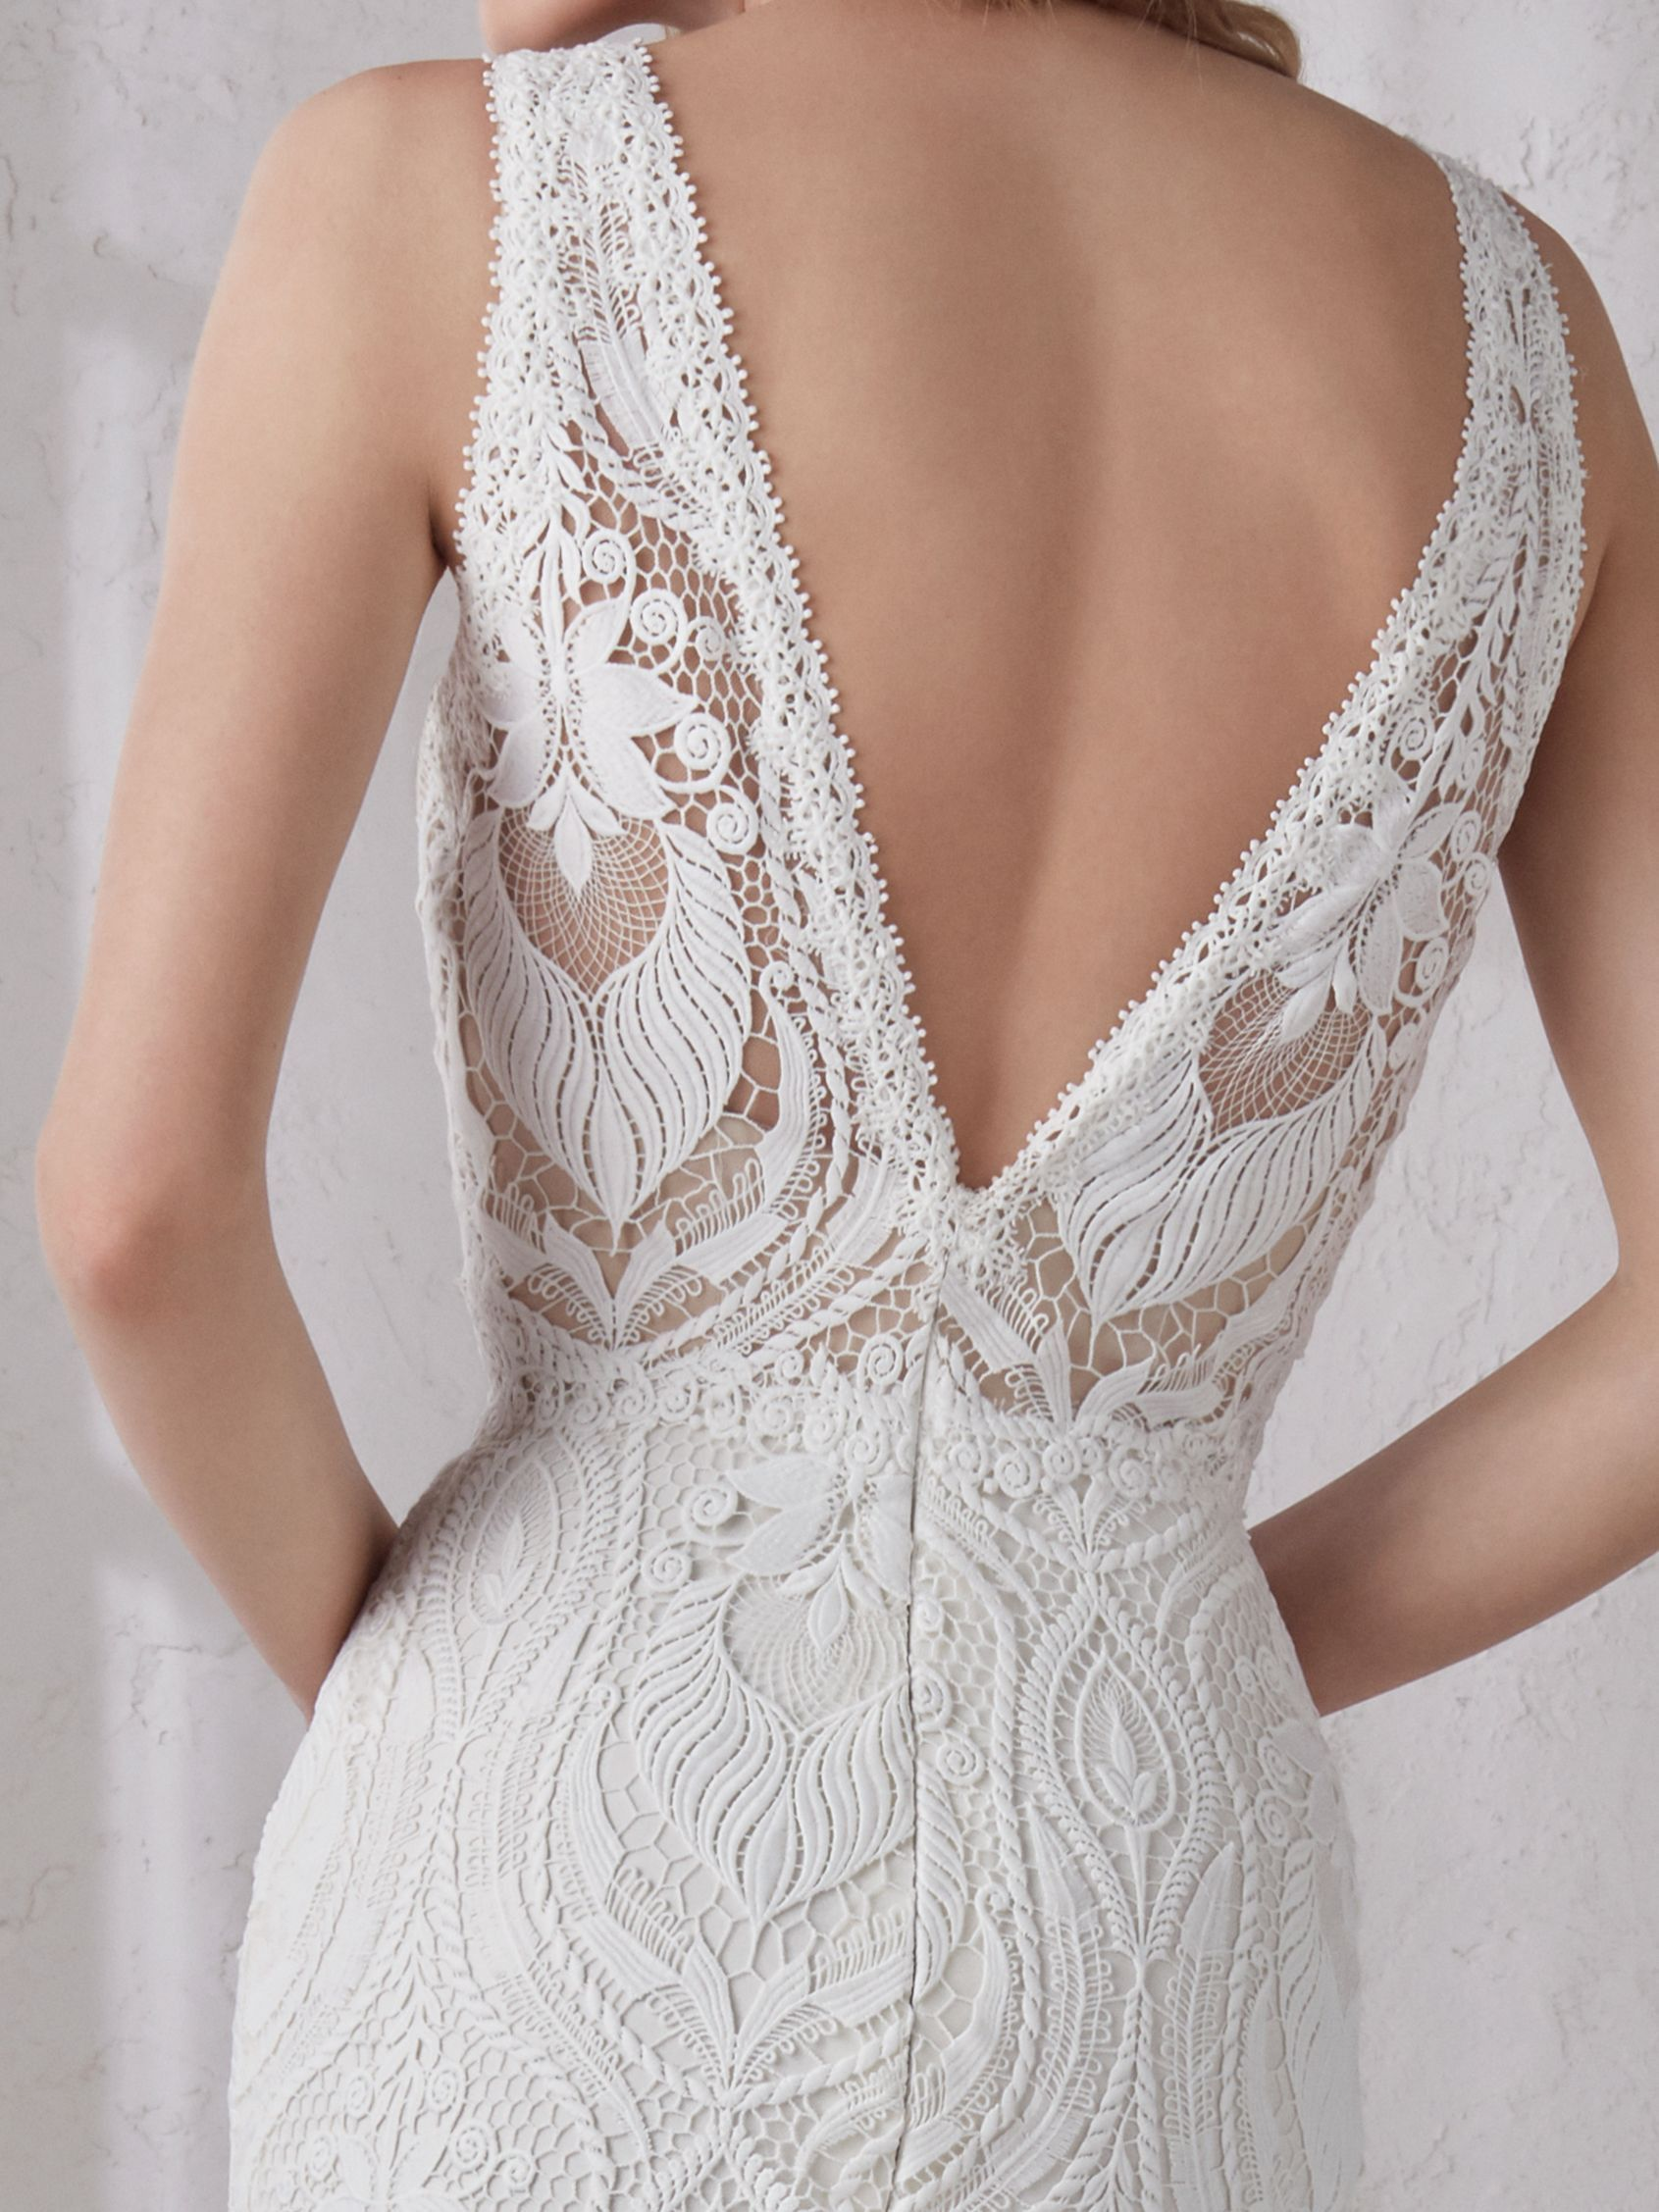 b32cd5d1c5 Magnolia 2019 Pronovias – menyasszonyi ruha bérlés   esküvő ekkor ...